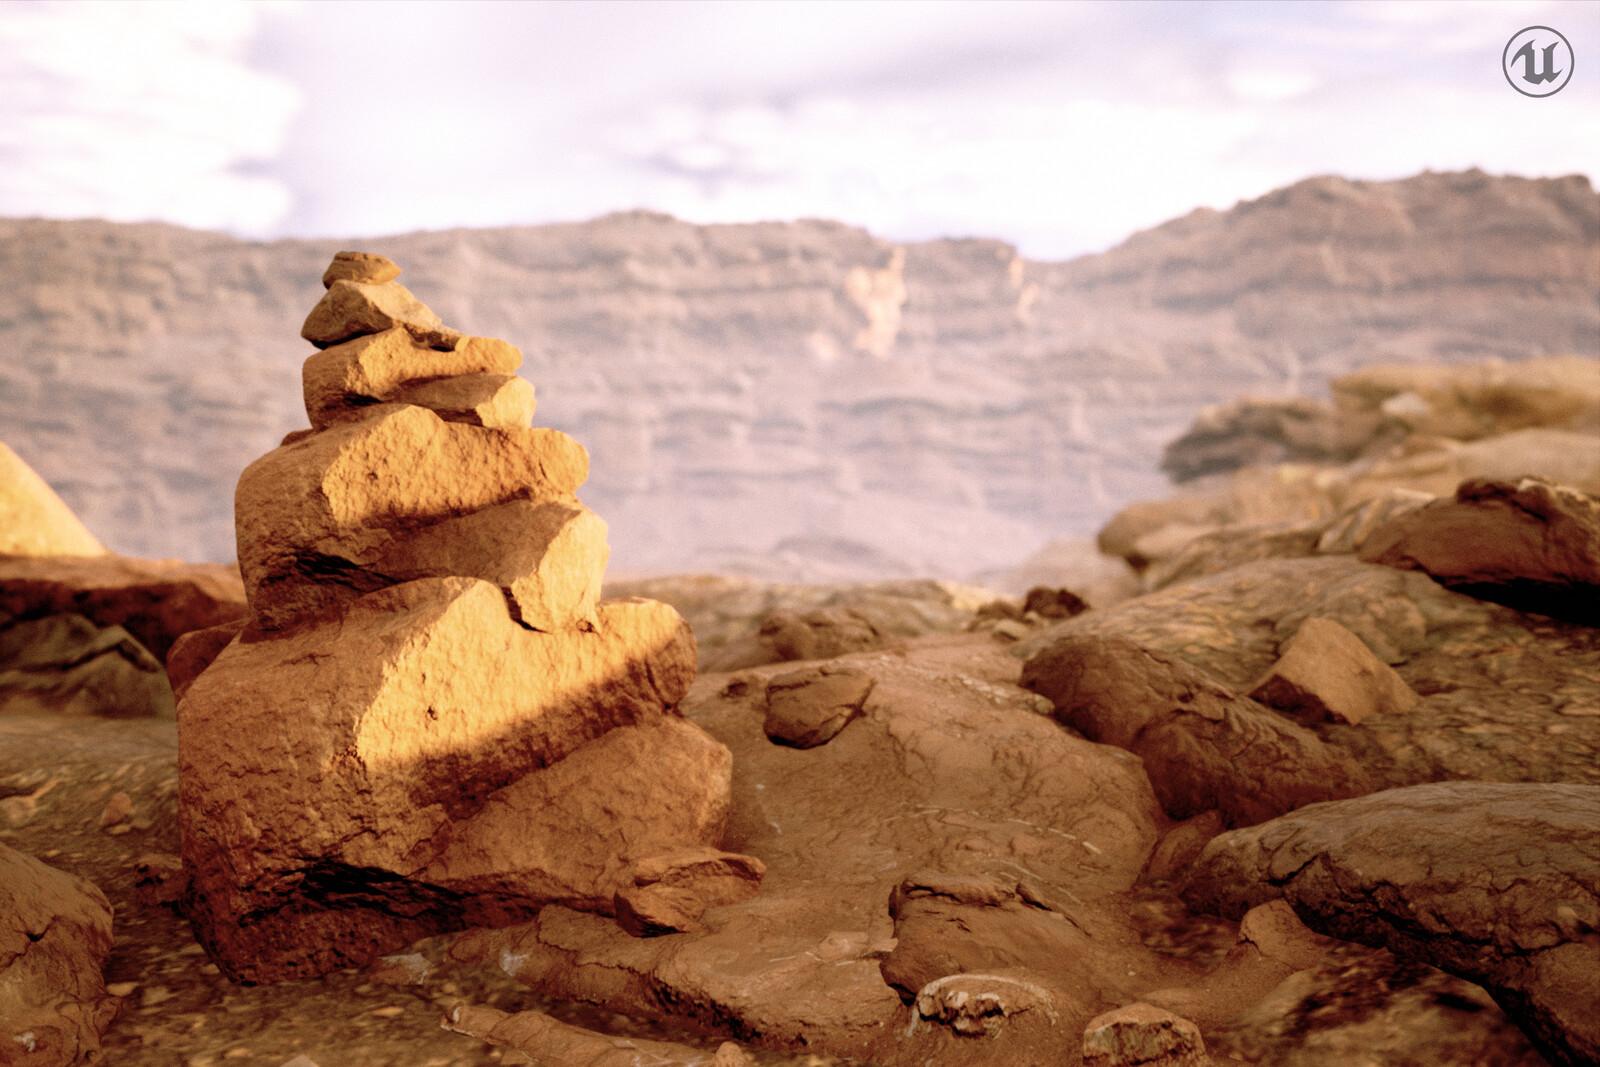 The Barren Rock